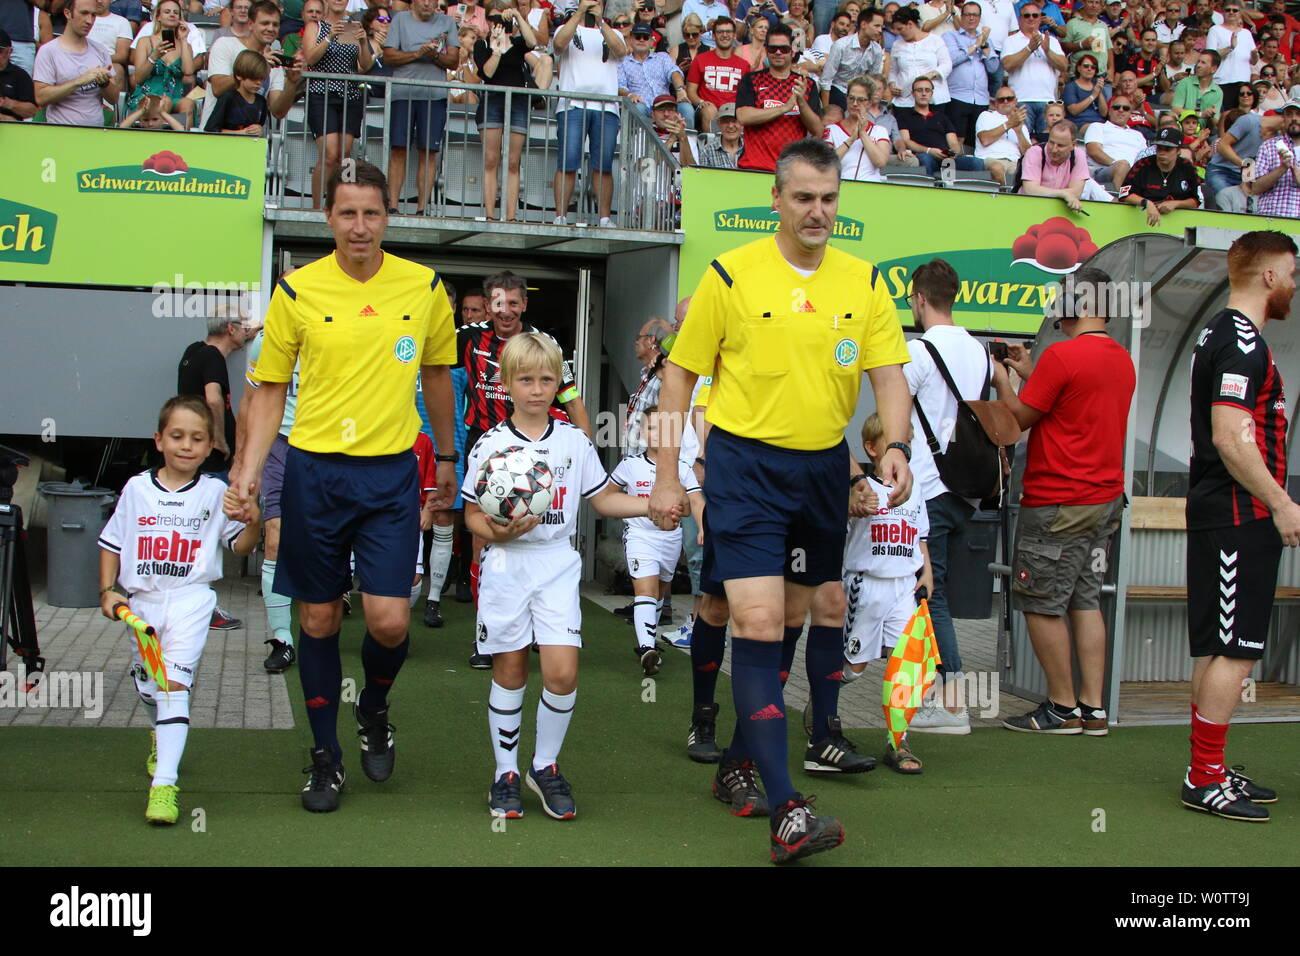 Ex-FIFA-Schiedsrichter Knut Kircher (Rottenburg) führt die Mannschaften auf das Feld beim Jubilaeumsspiel SC Freiburg - FC Bayern Muenchen - Stock Image